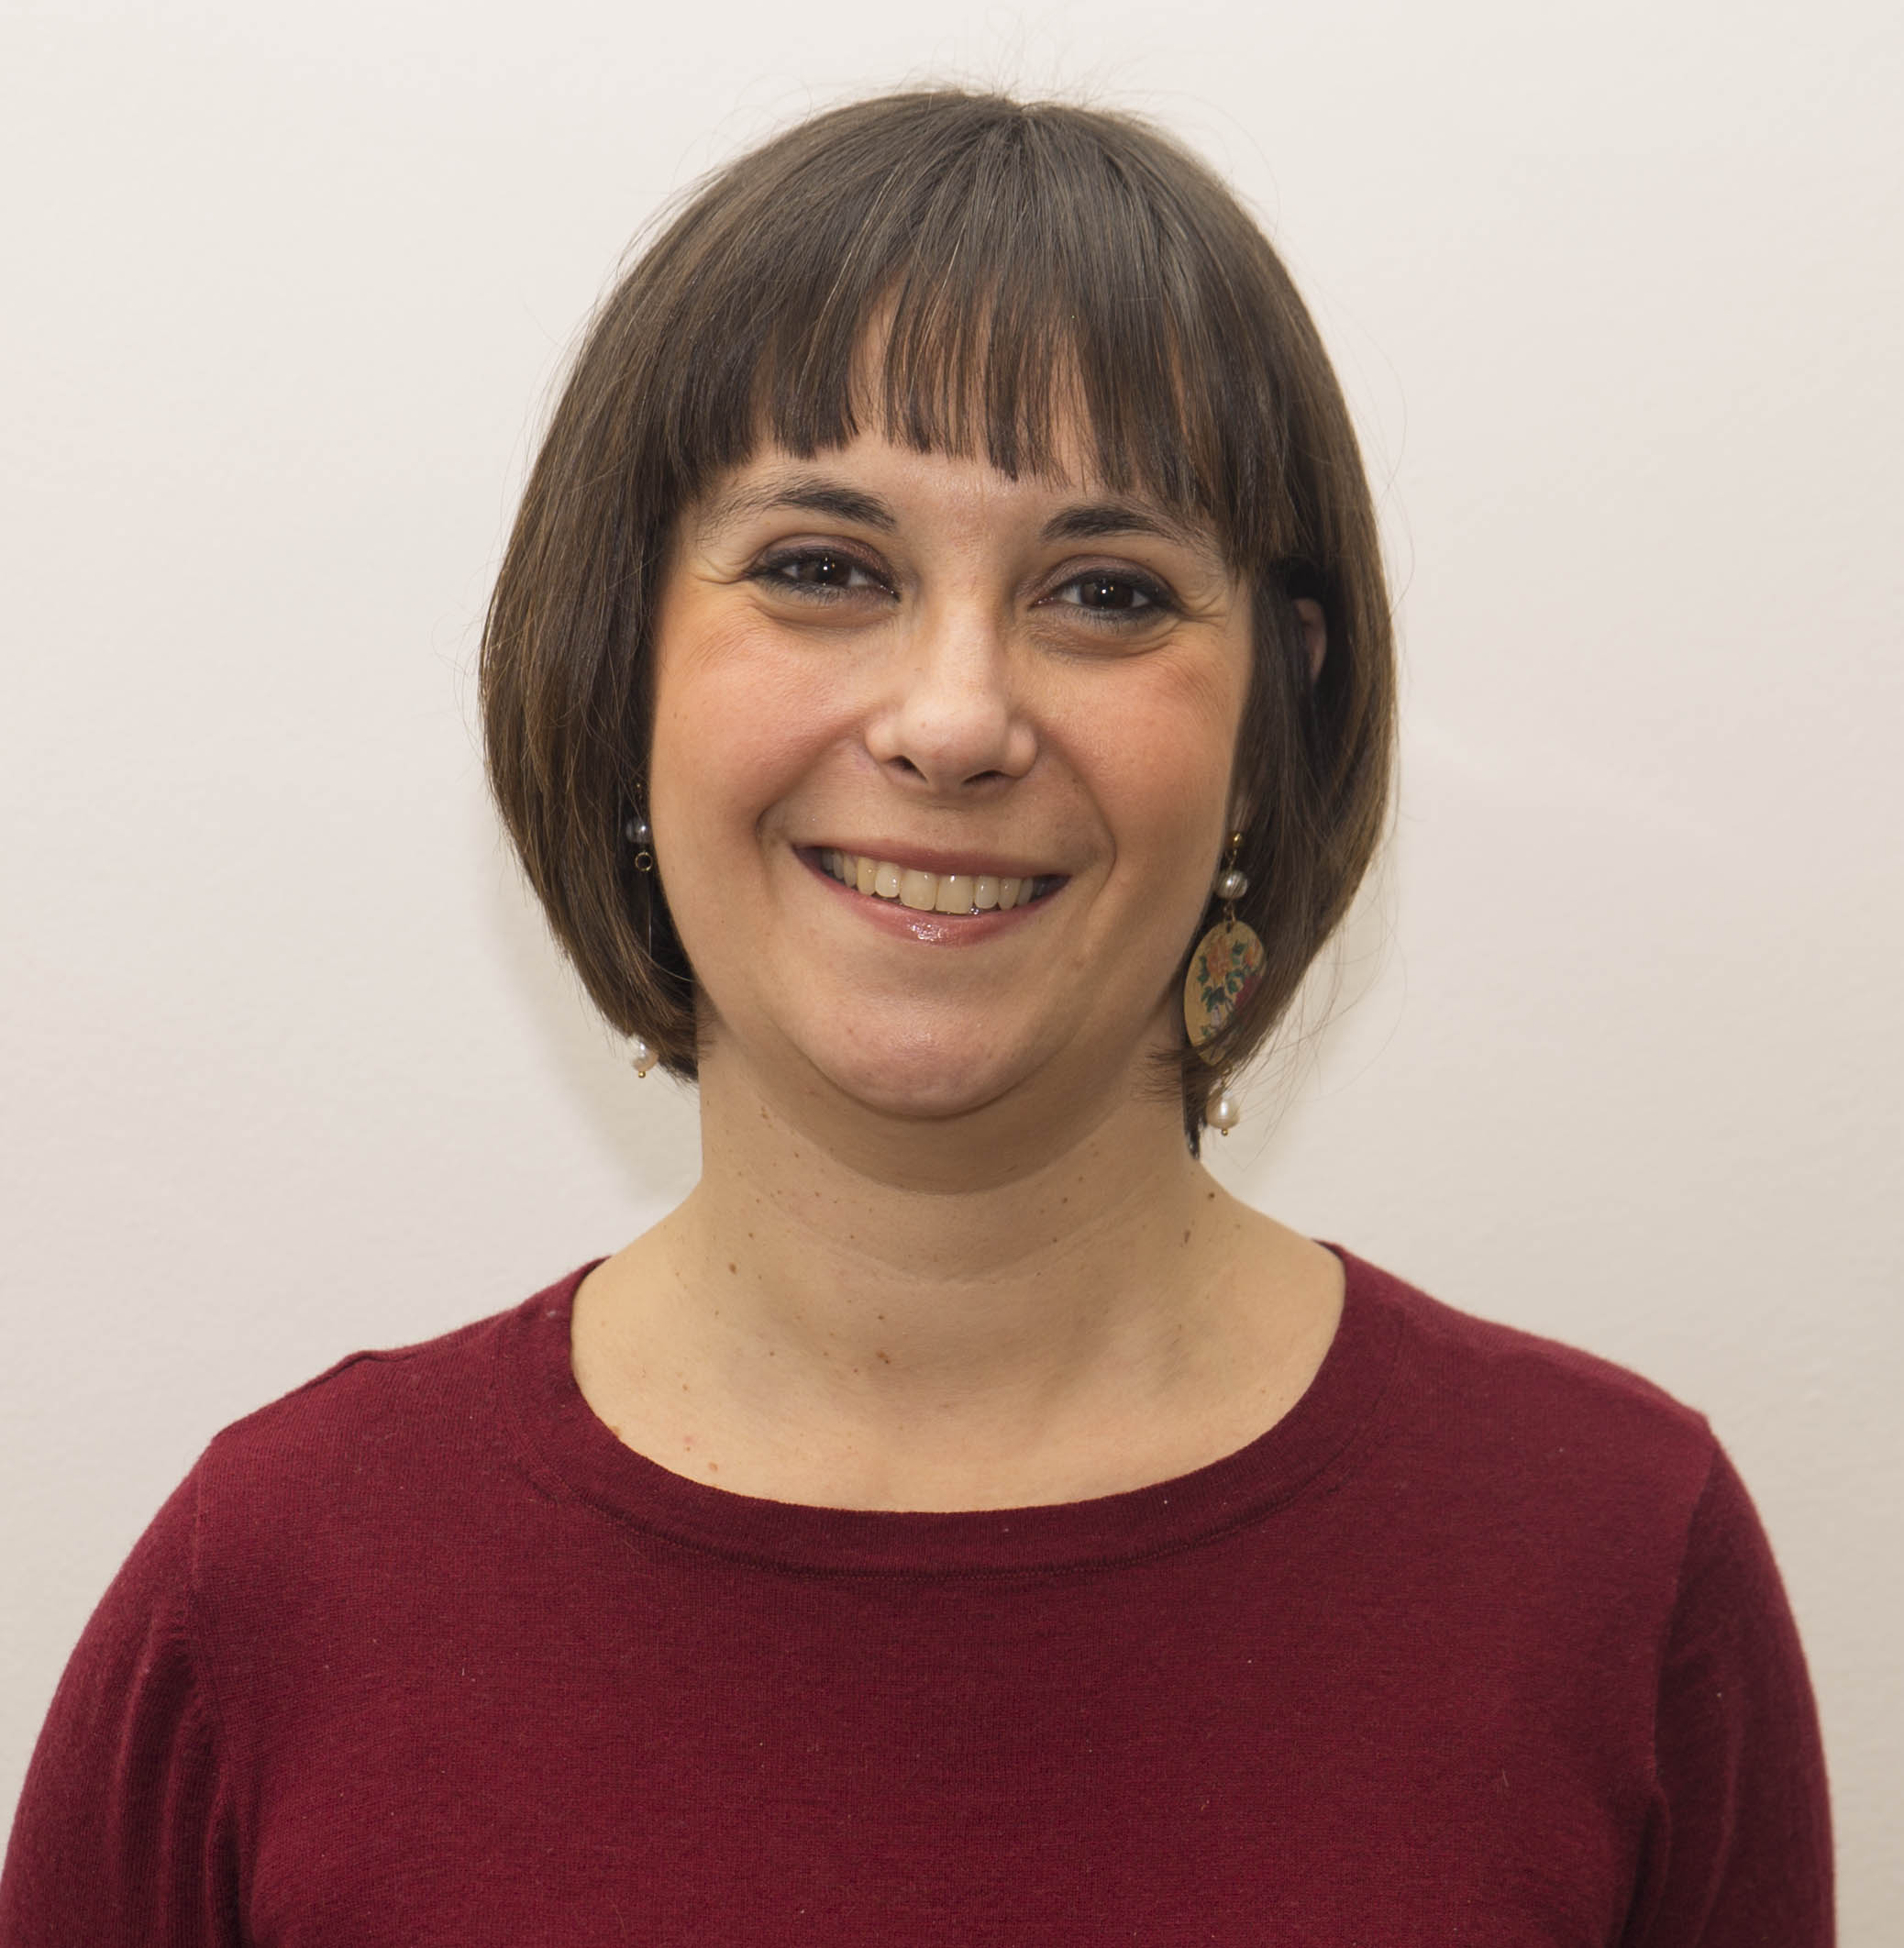 Linda Pisciotta